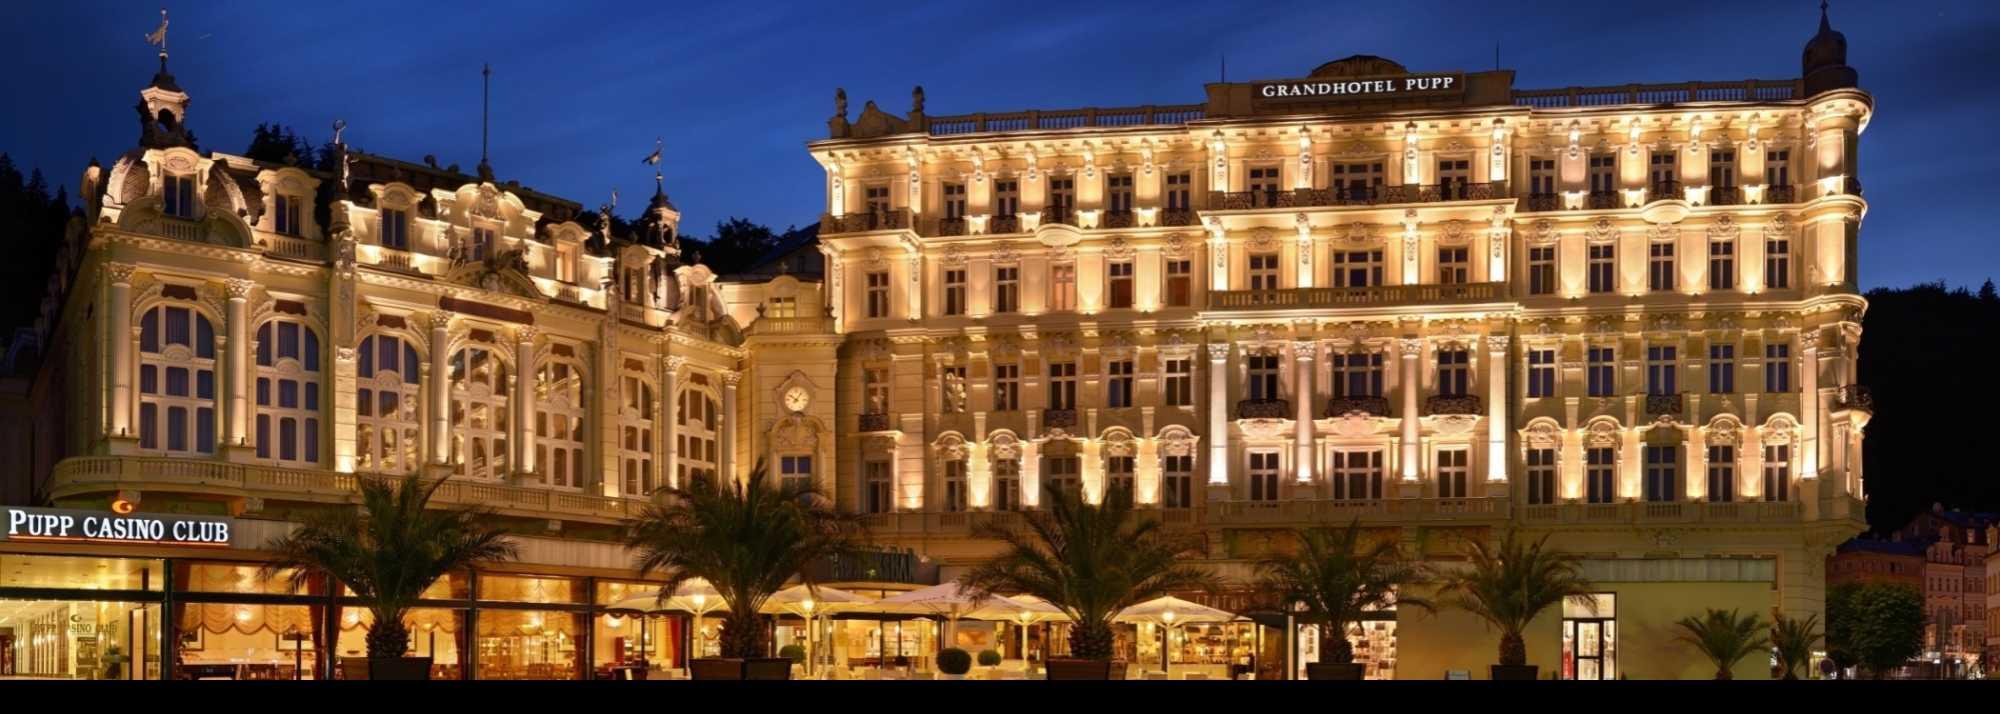 布達佩斯大飯店的參考範本之一Grandhotel Pupp(照片來源:Grandhotel Pupp https://goo.gl/bdHxLU)